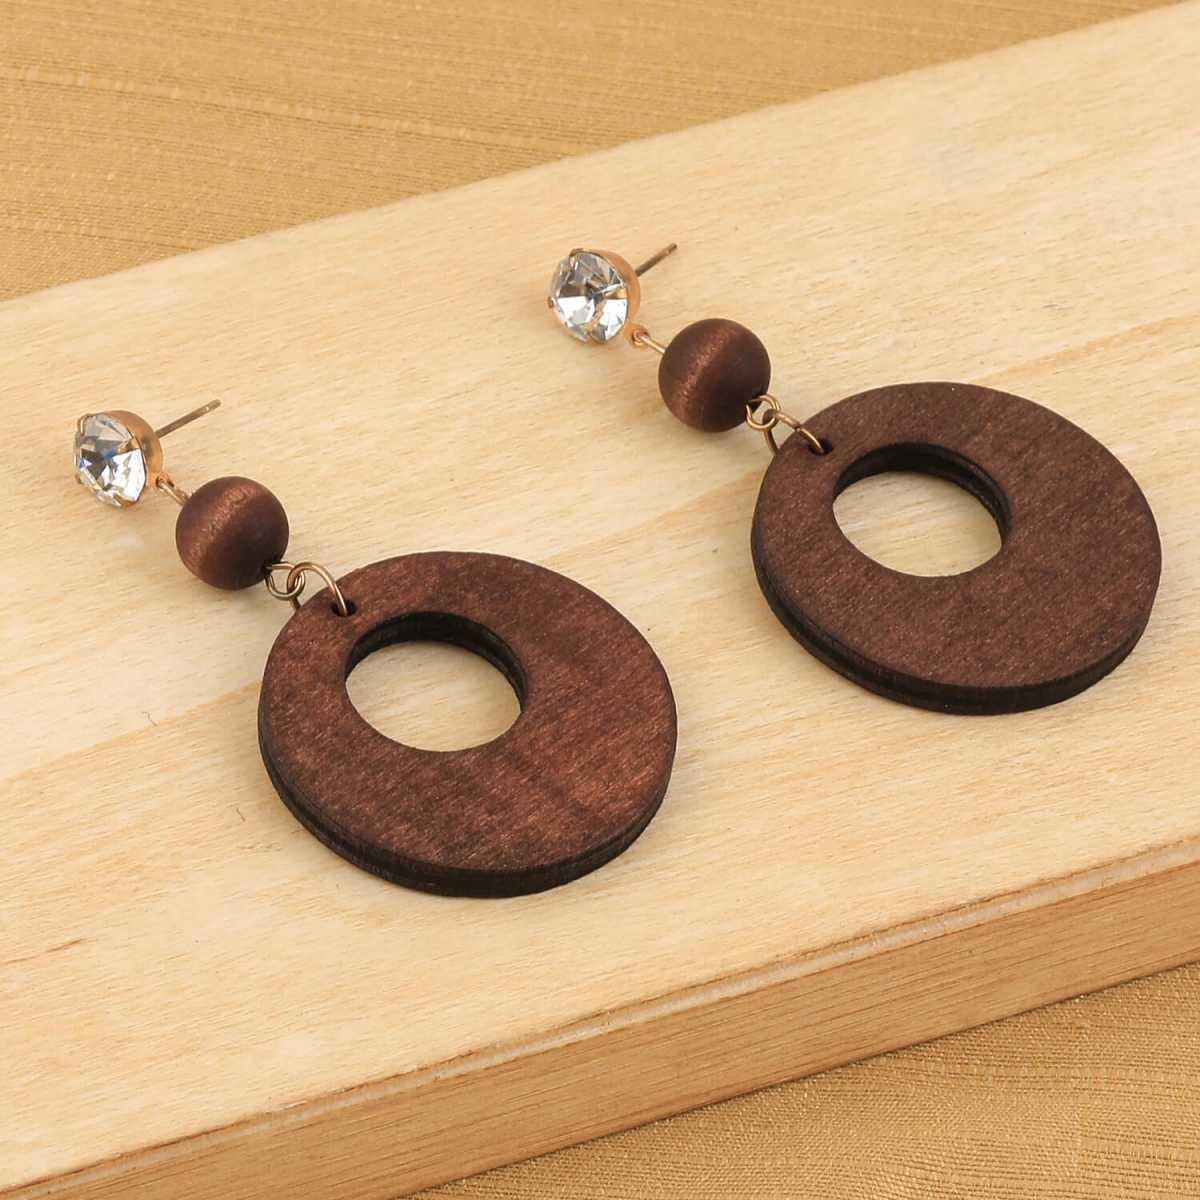 SILVER SHINE Elegant Dangler Diamond Brown Wooden Earrings For Girls and Women …